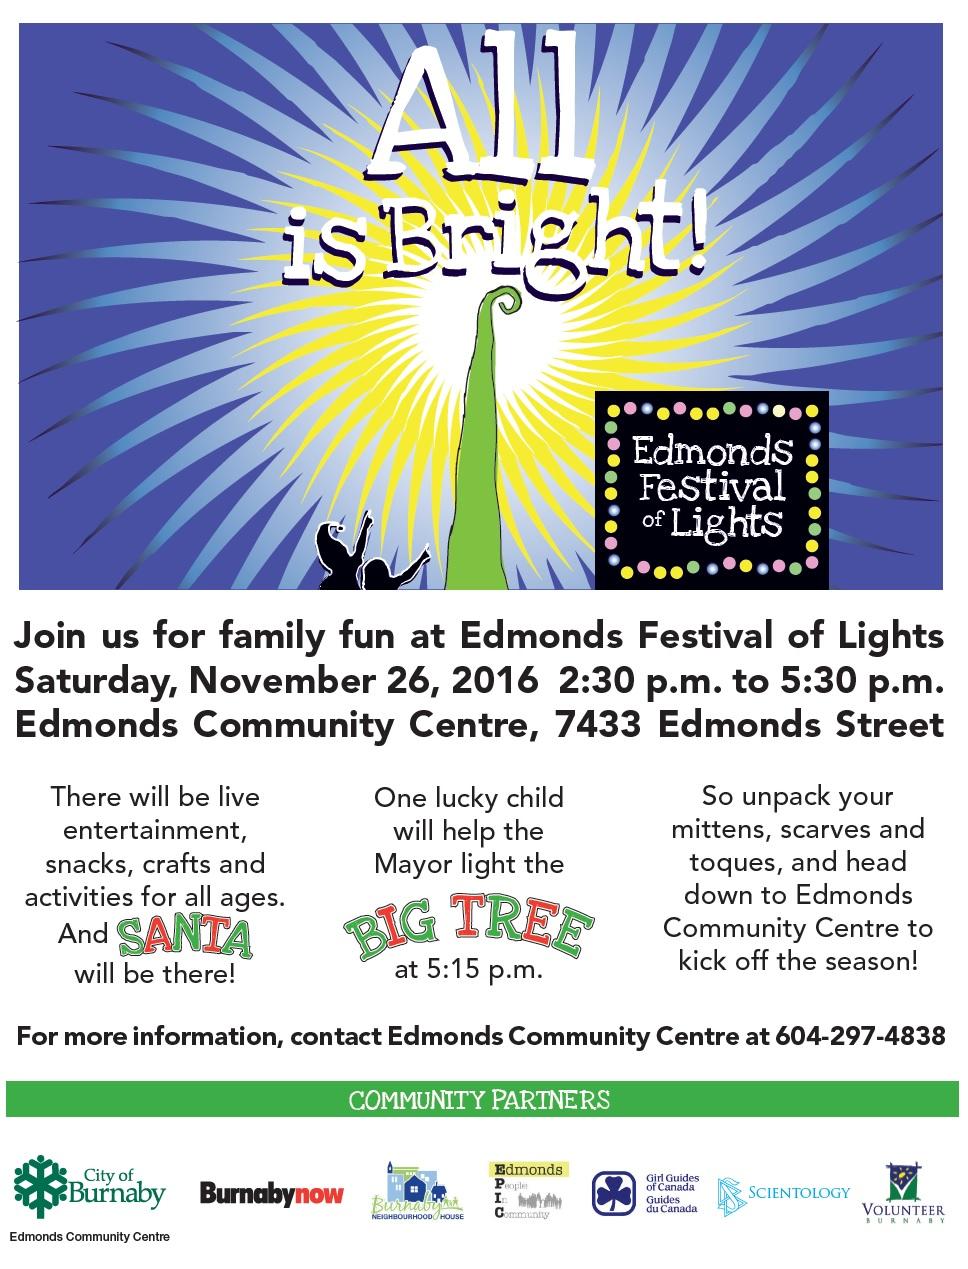 festival-of-lights